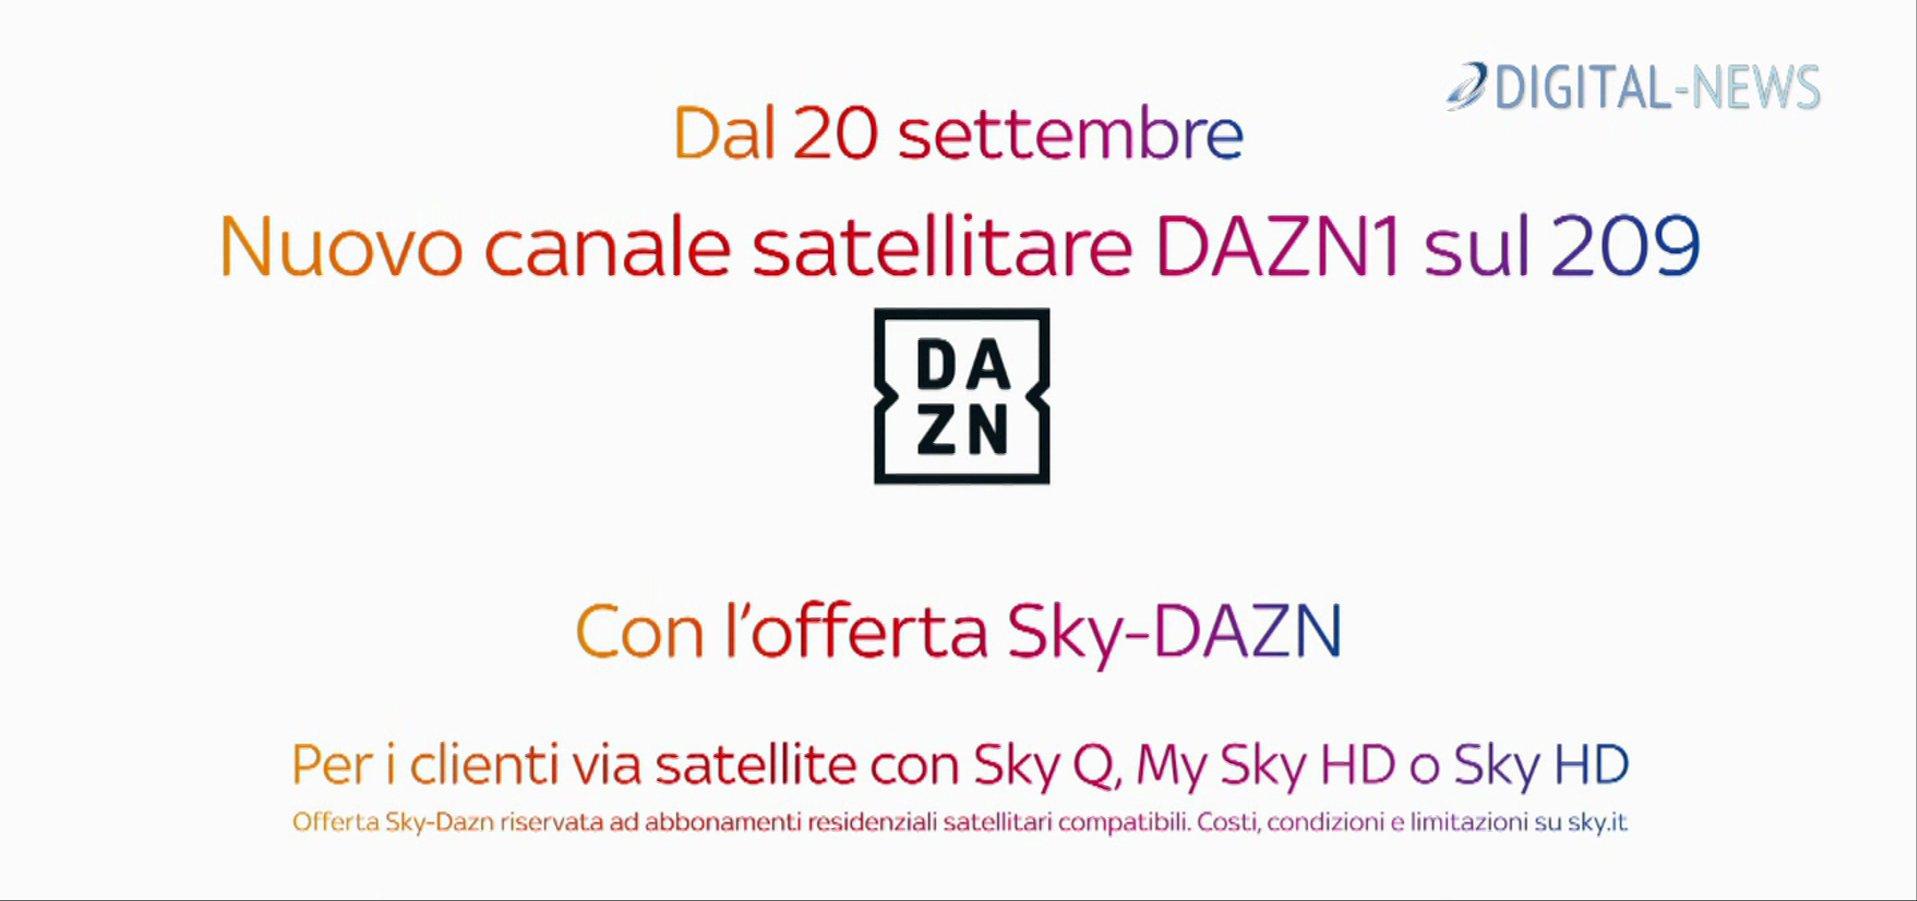 Accordo raggiunto! DAZN1 dal 20 Settembre sul canale 209 Sky